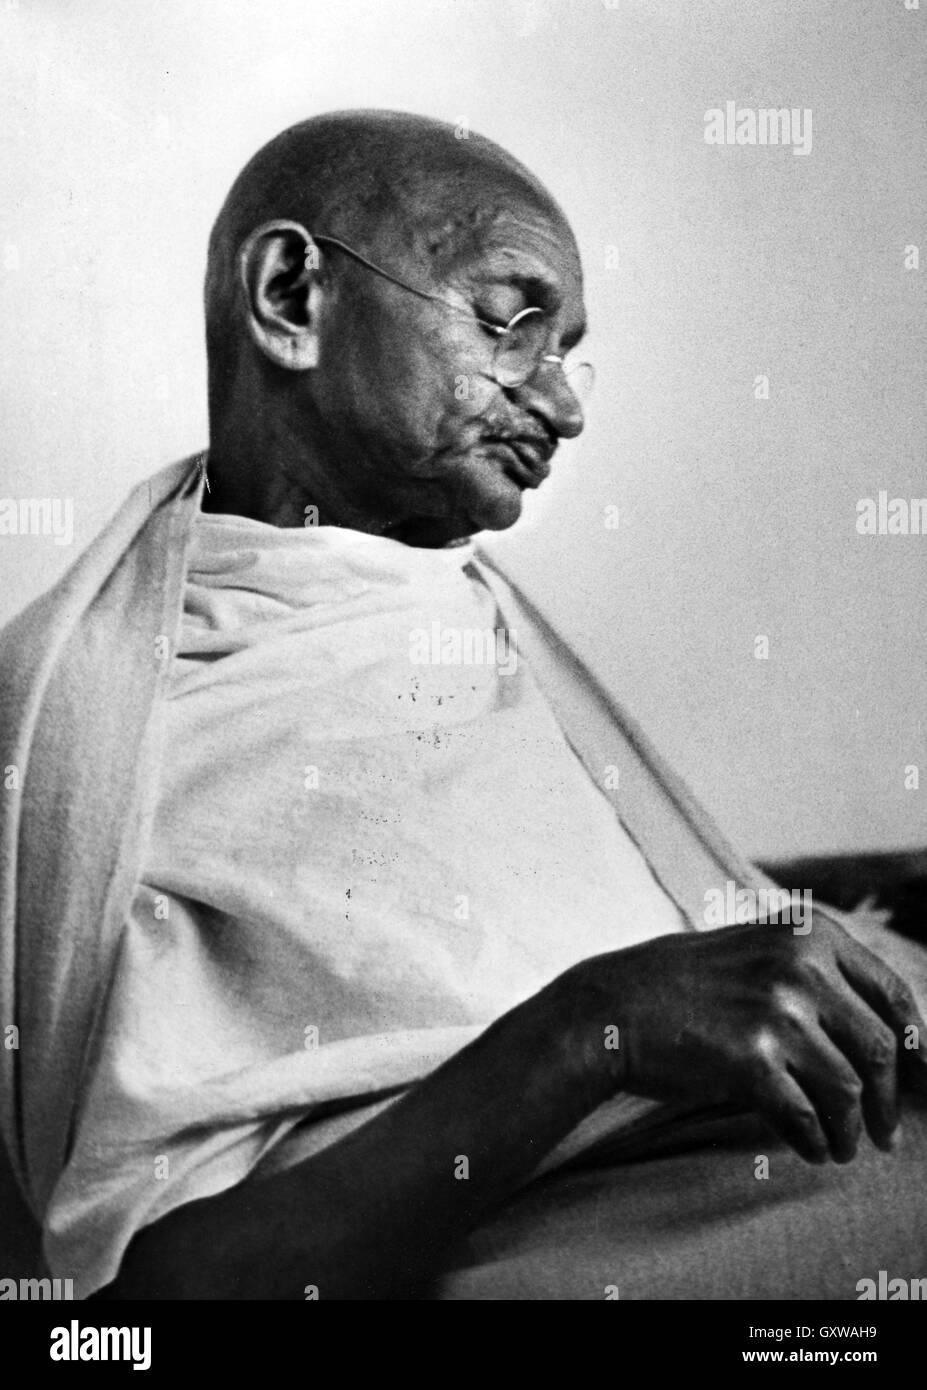 Il Mahatma Gandhi (1869-1948) Indiano leader dell'indipendenza nel 1945. Foto di Sunil Janah Immagini Stock